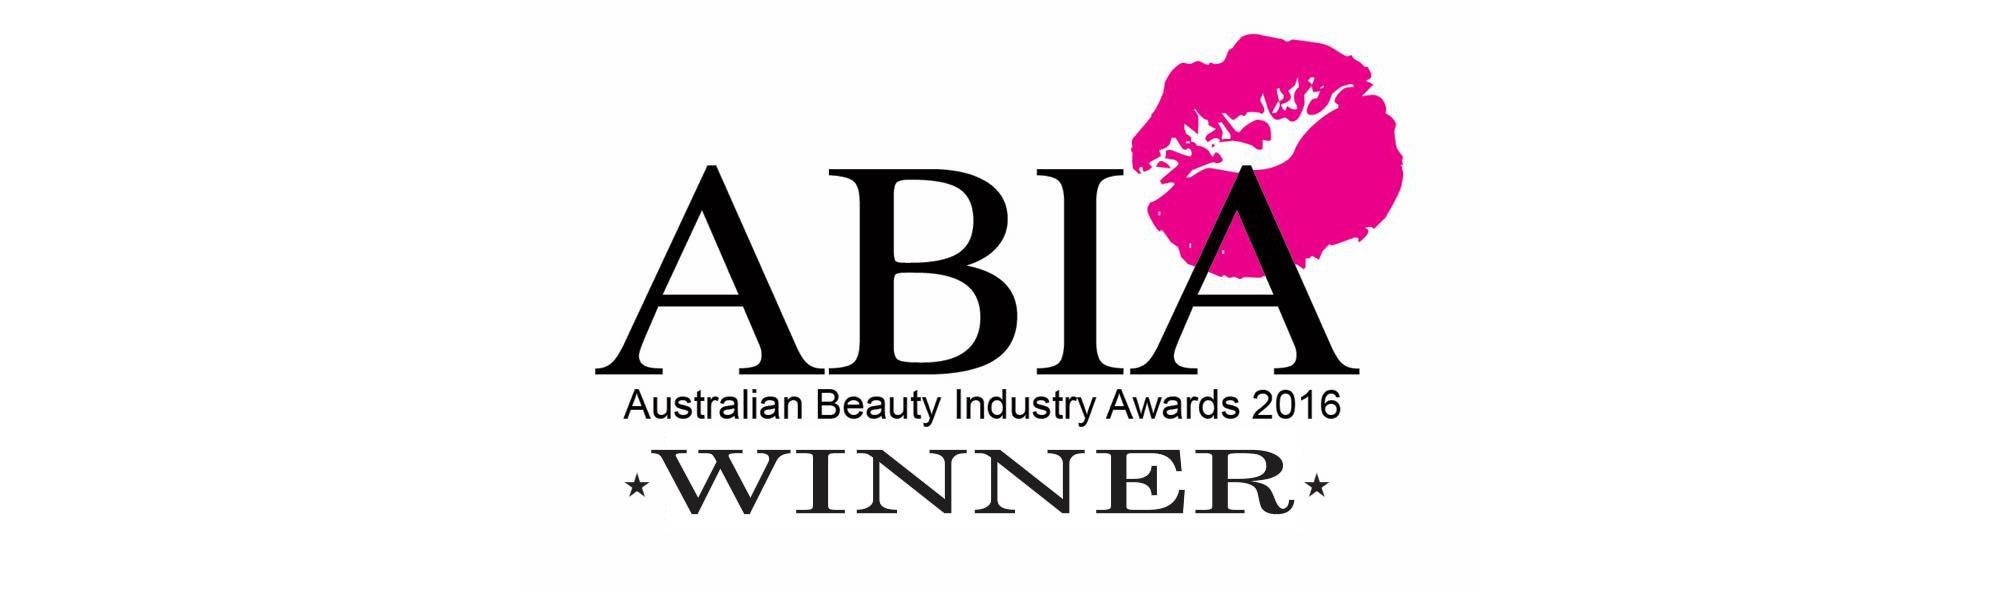 abia winner 2016